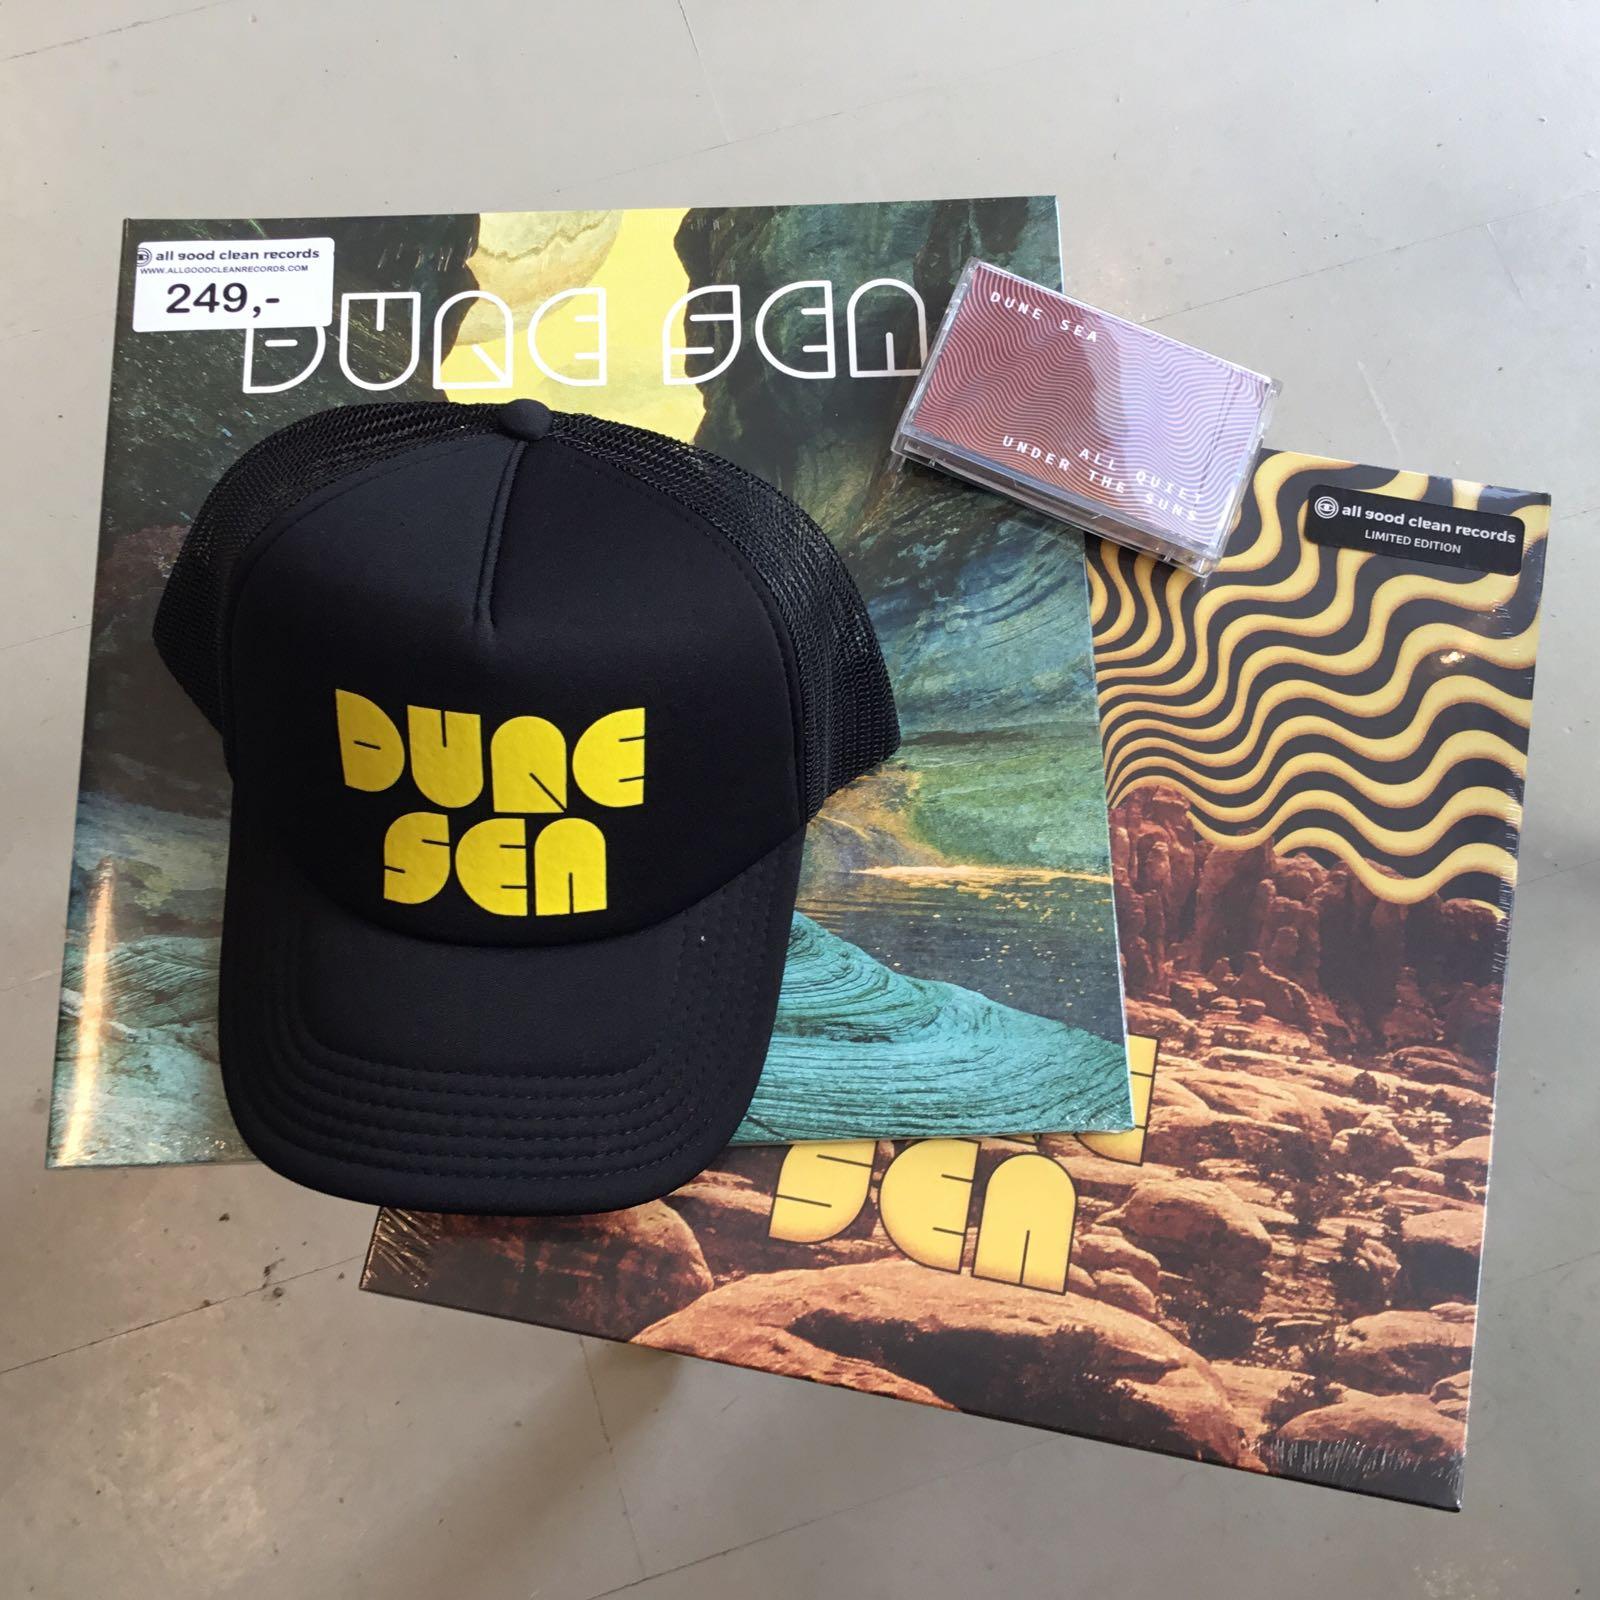 Dune Sea – Bundel [MC+LP+LP+CAP]